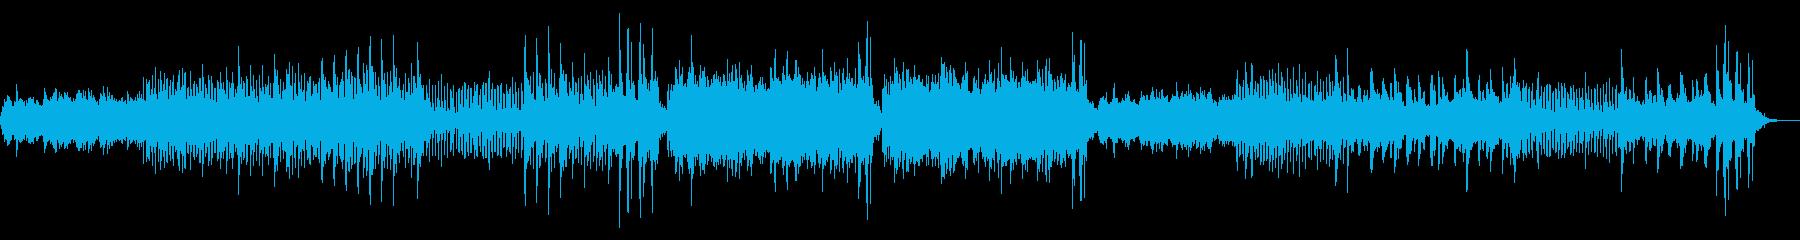 悲しげな三拍子のエレクトロニカの再生済みの波形